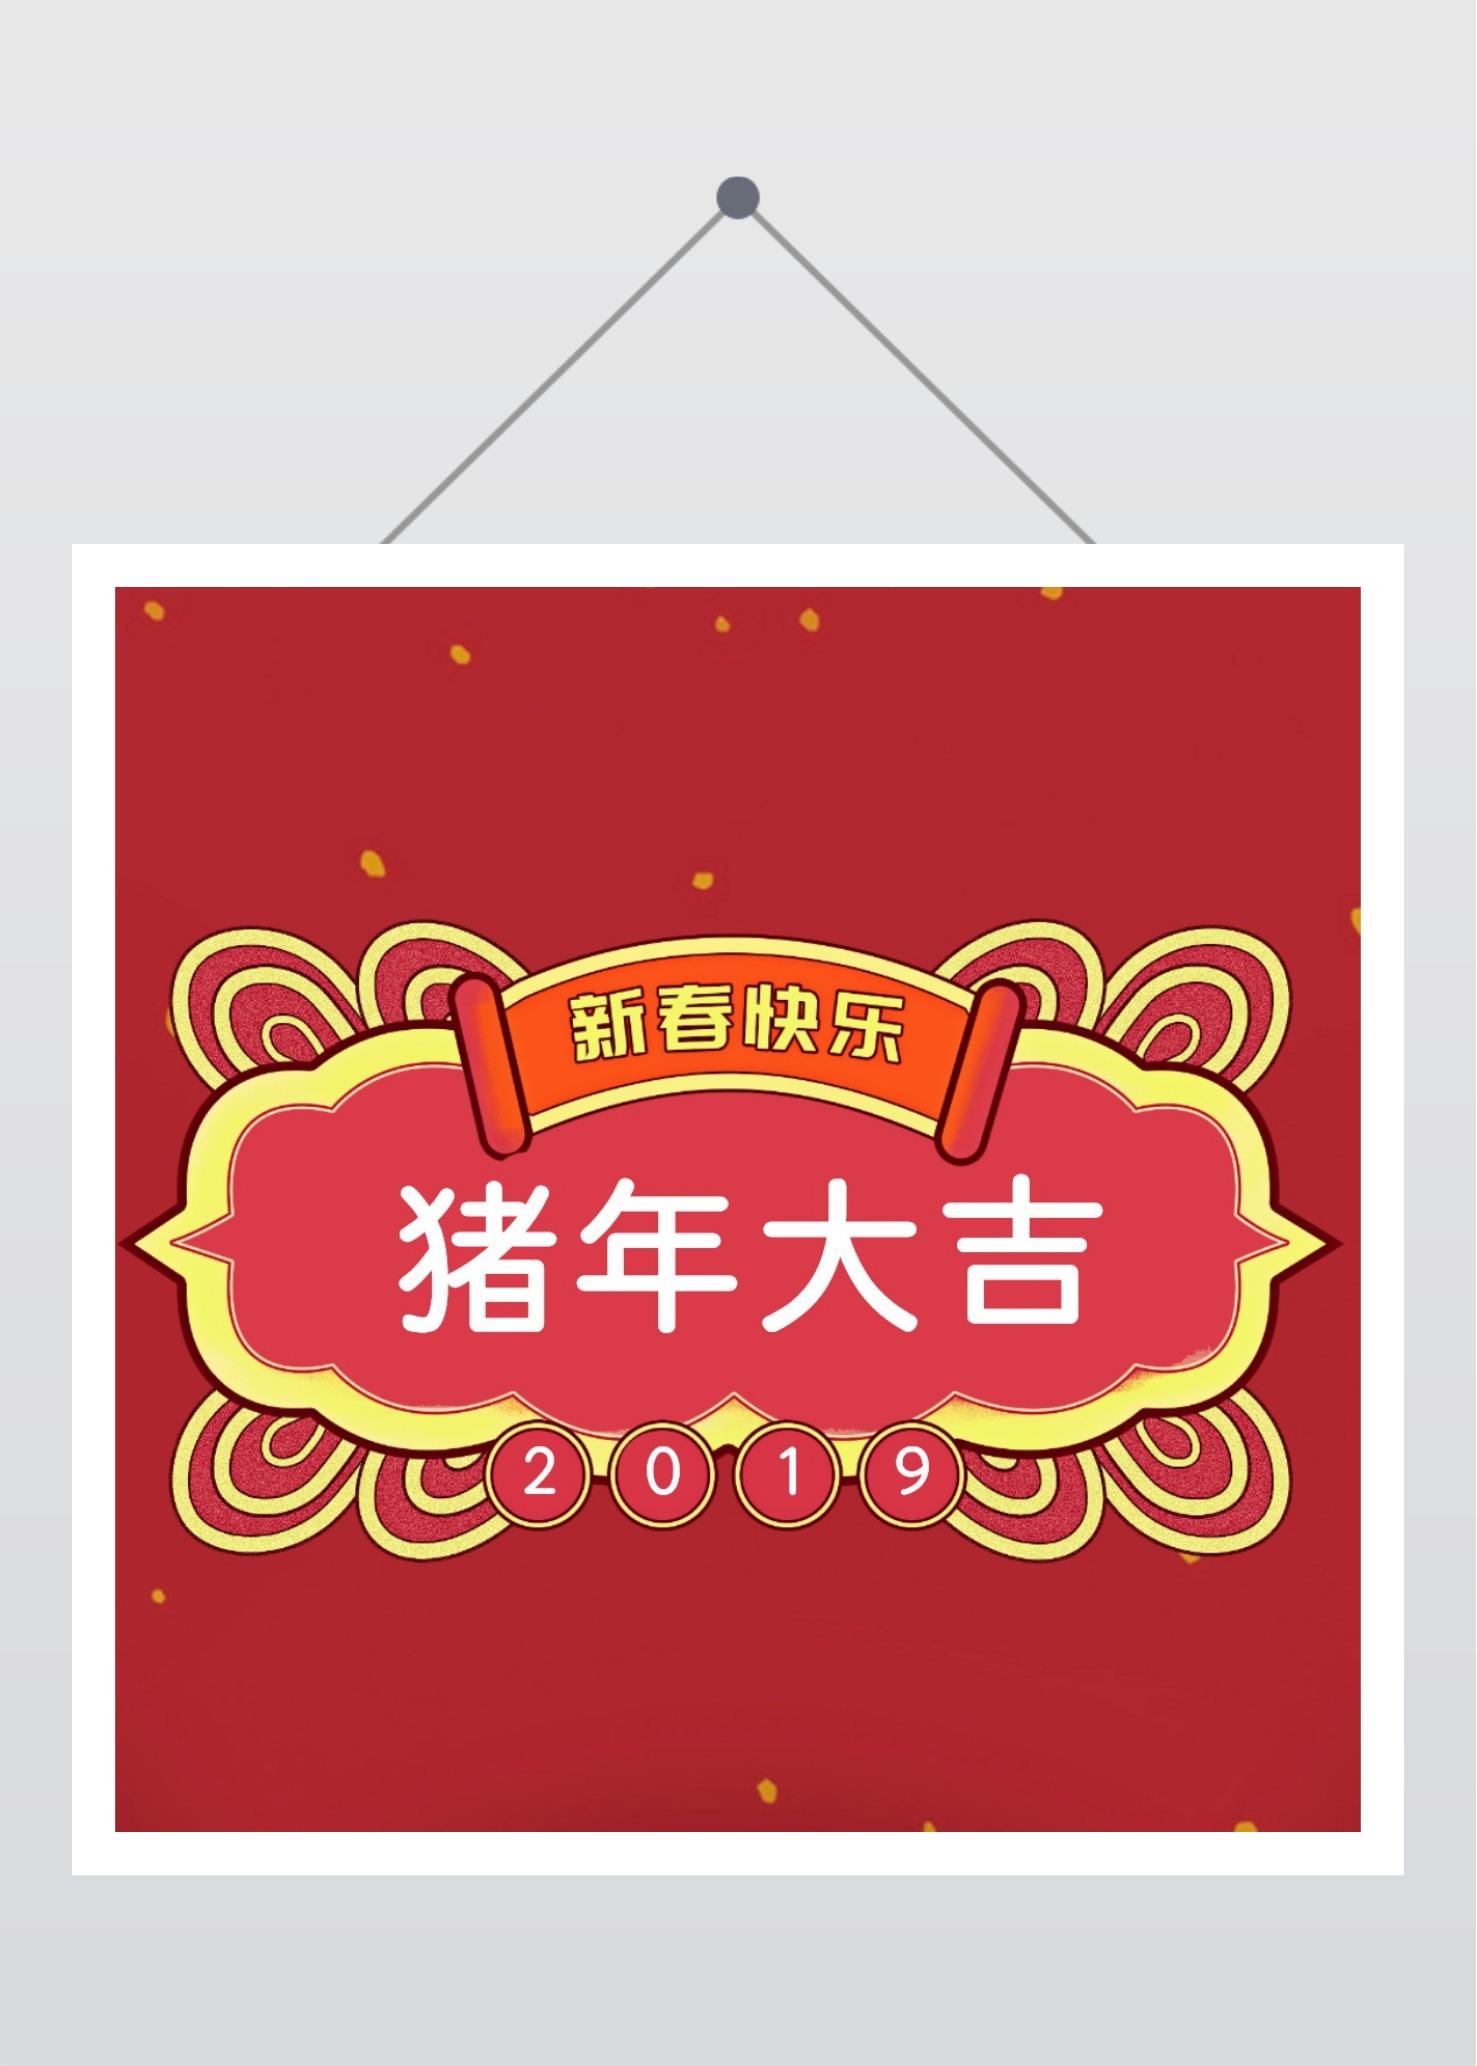 猪年大吉新年促销贺卡公众号封面次条小图